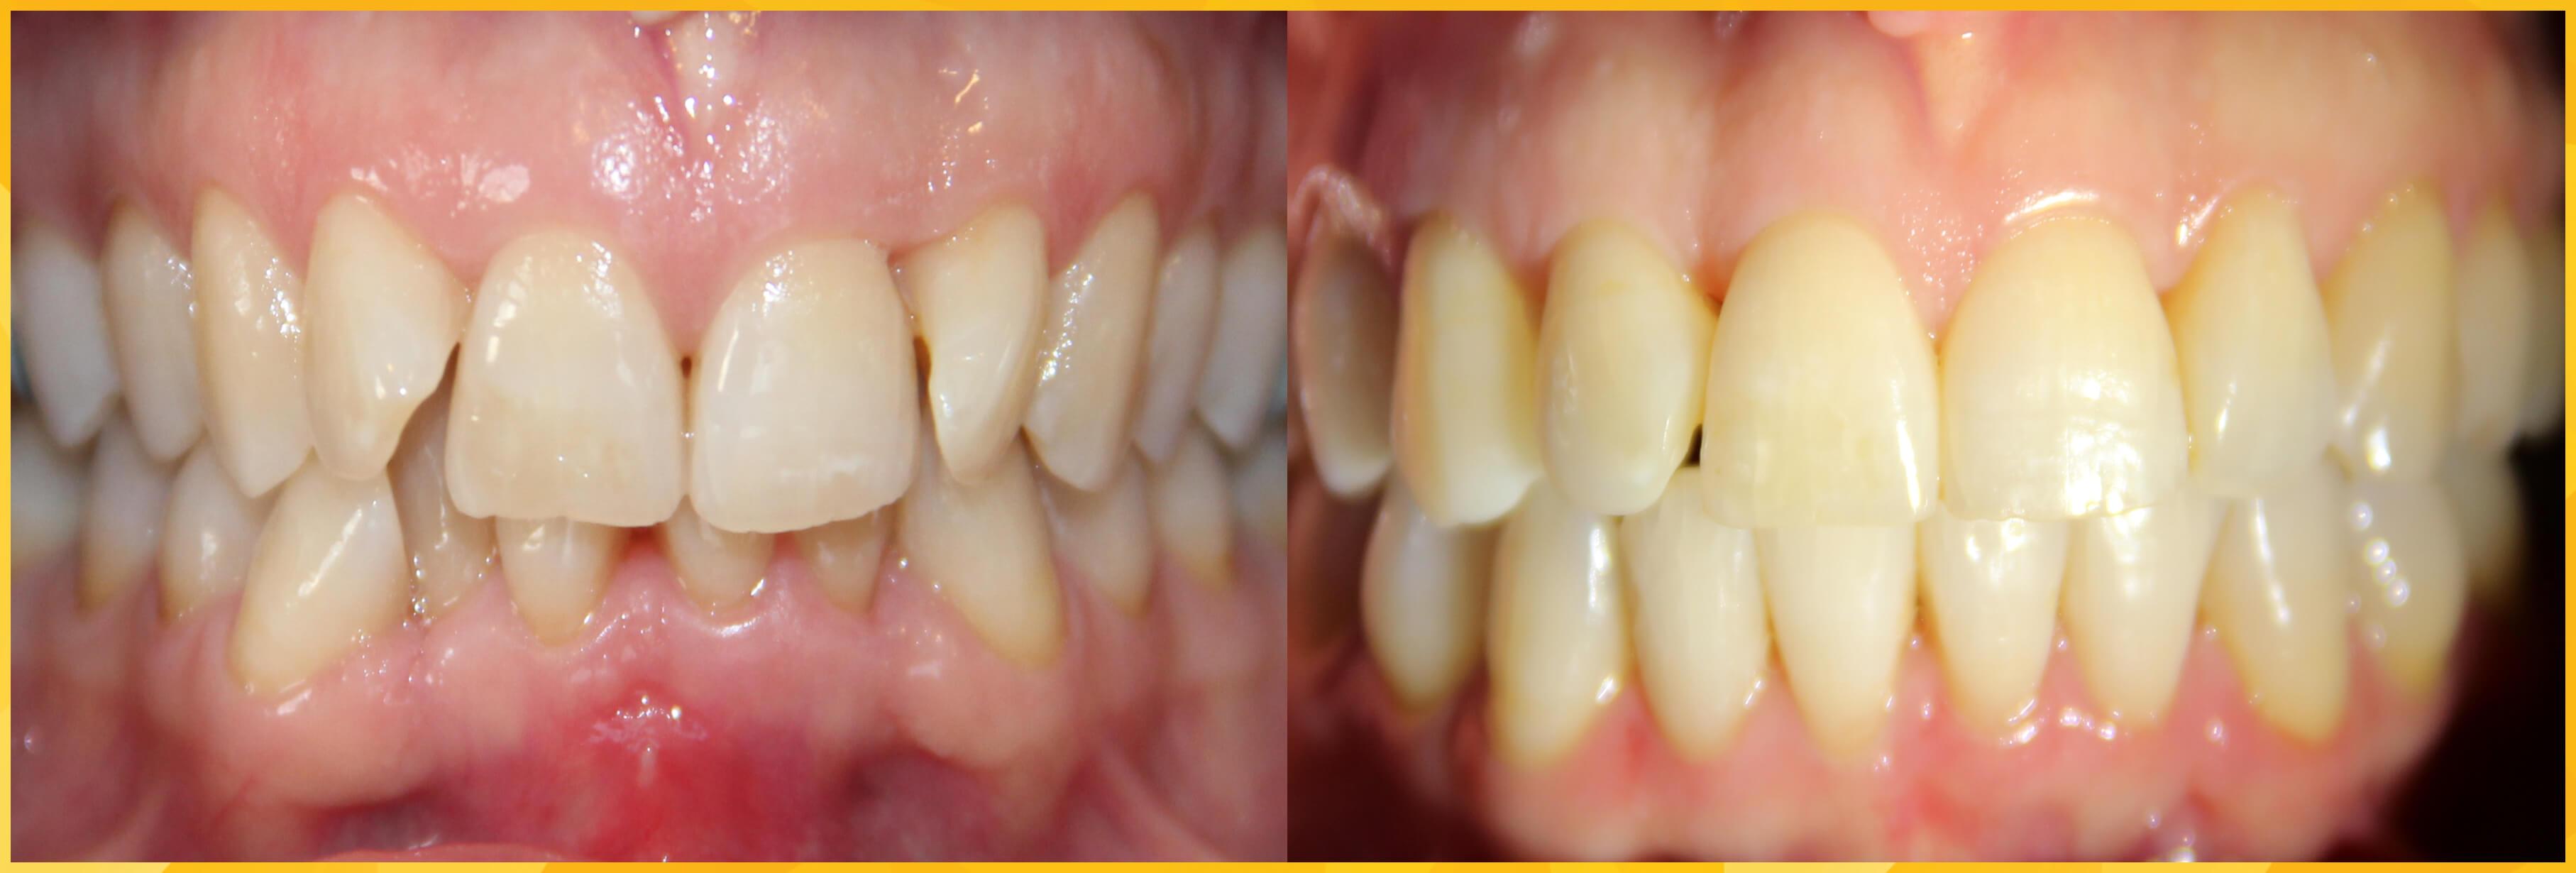 functional orthodontics